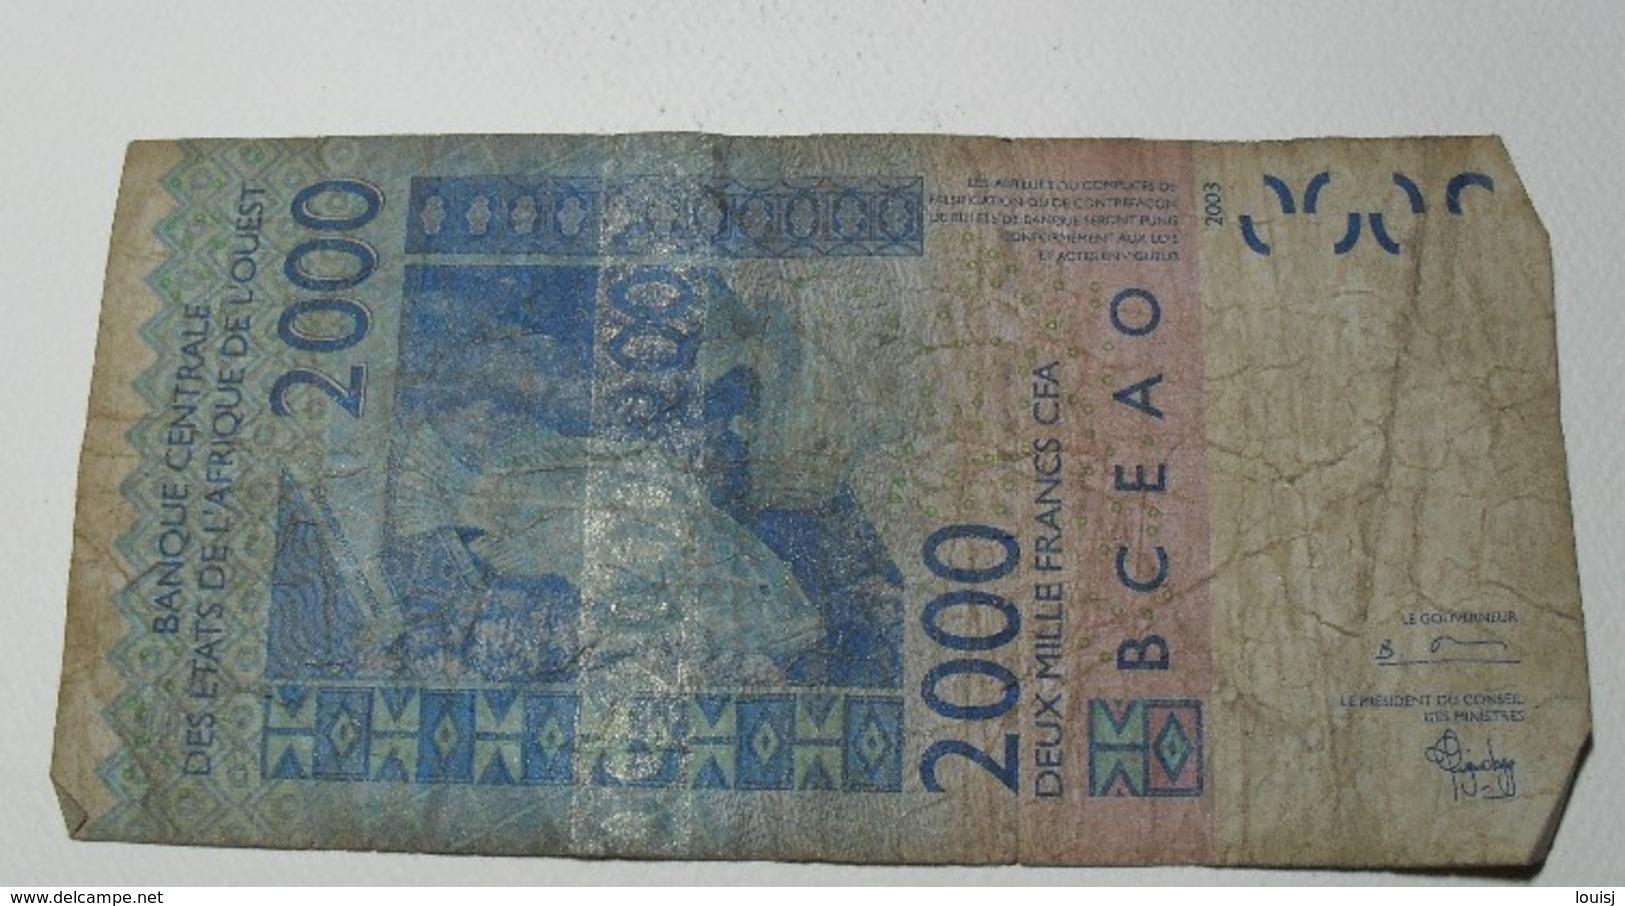 2003 - Afrique De L'Ouest - West Africa - 2000 FRANCS CFA - 04742584092 T (Togo) - Banknotes